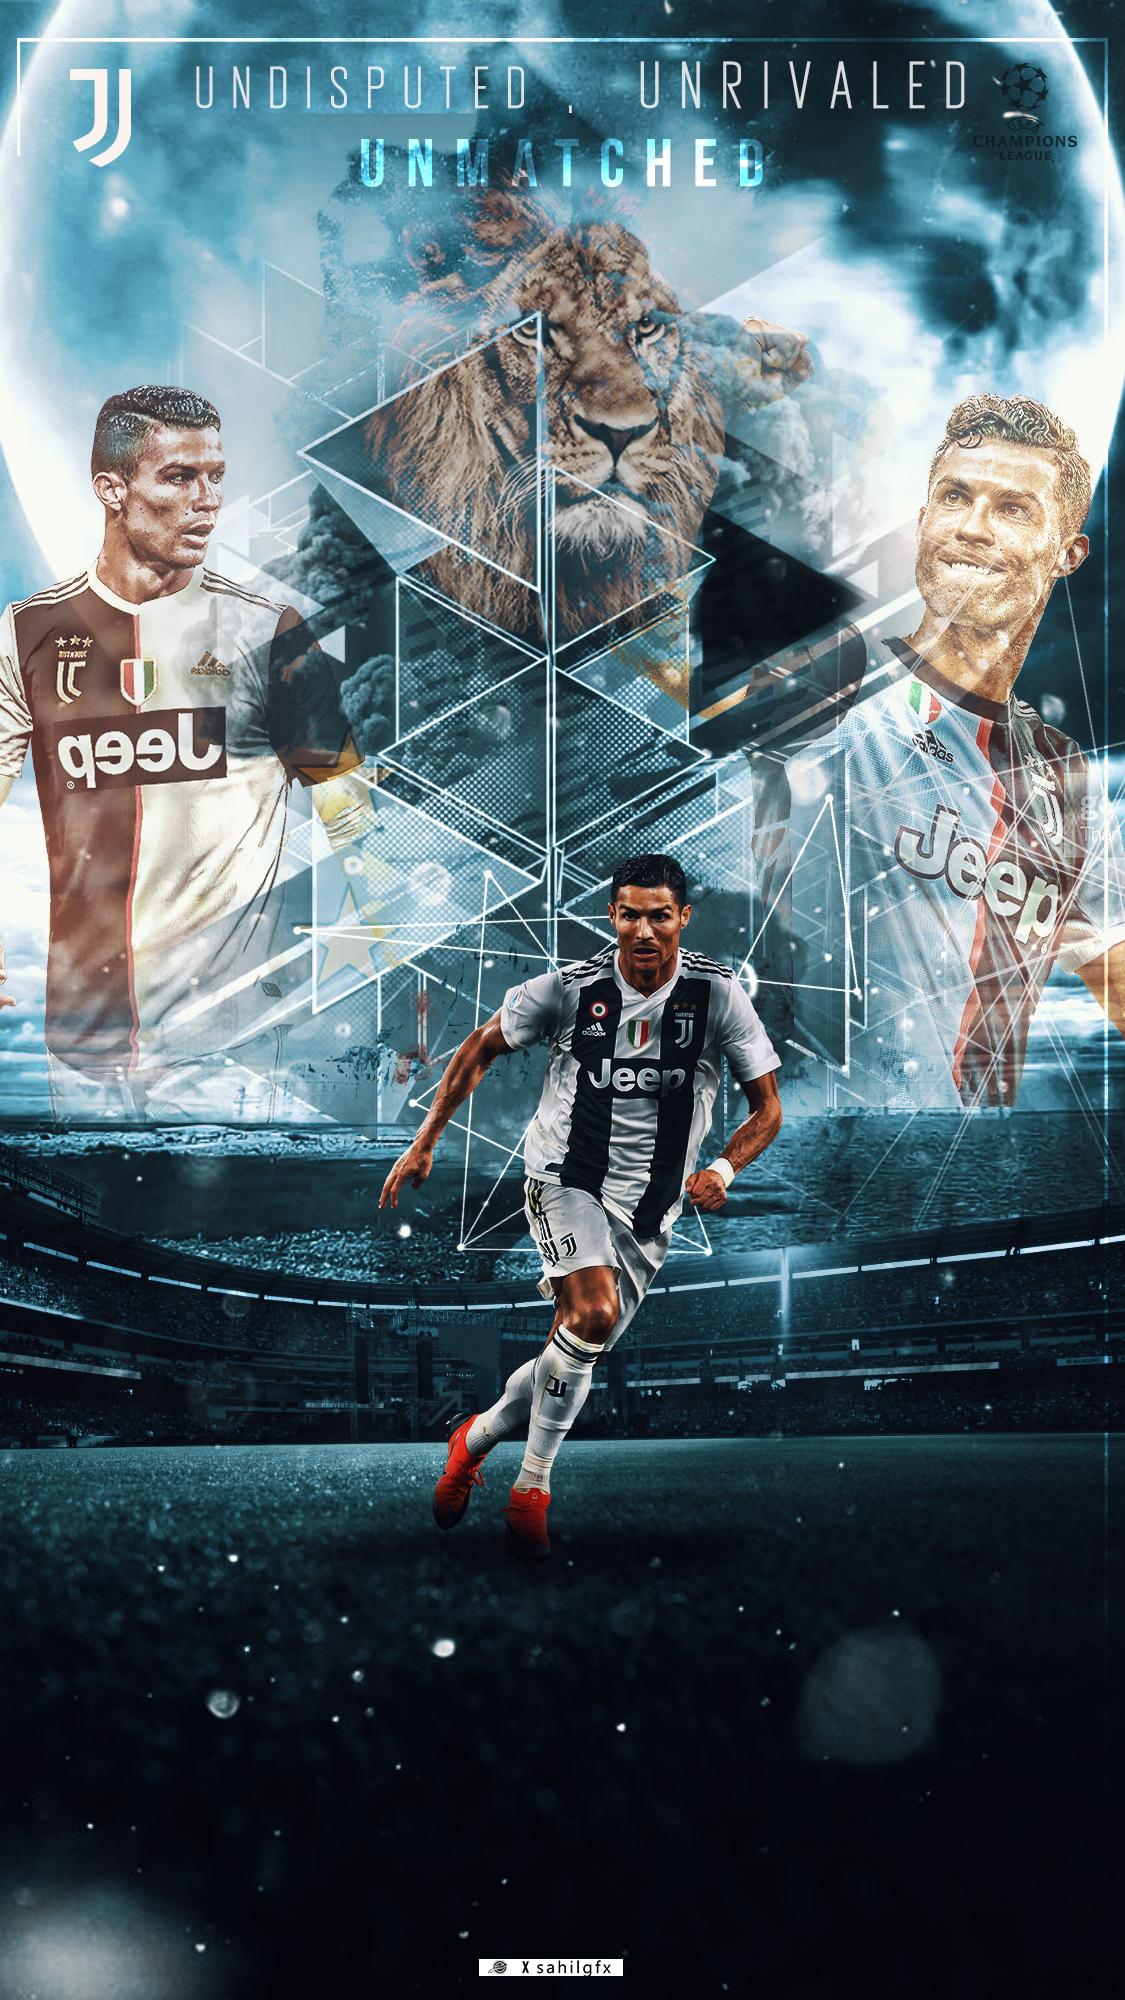 Cristiano Ronaldo Wallpaper By Fedoradouchebag On Deviantart